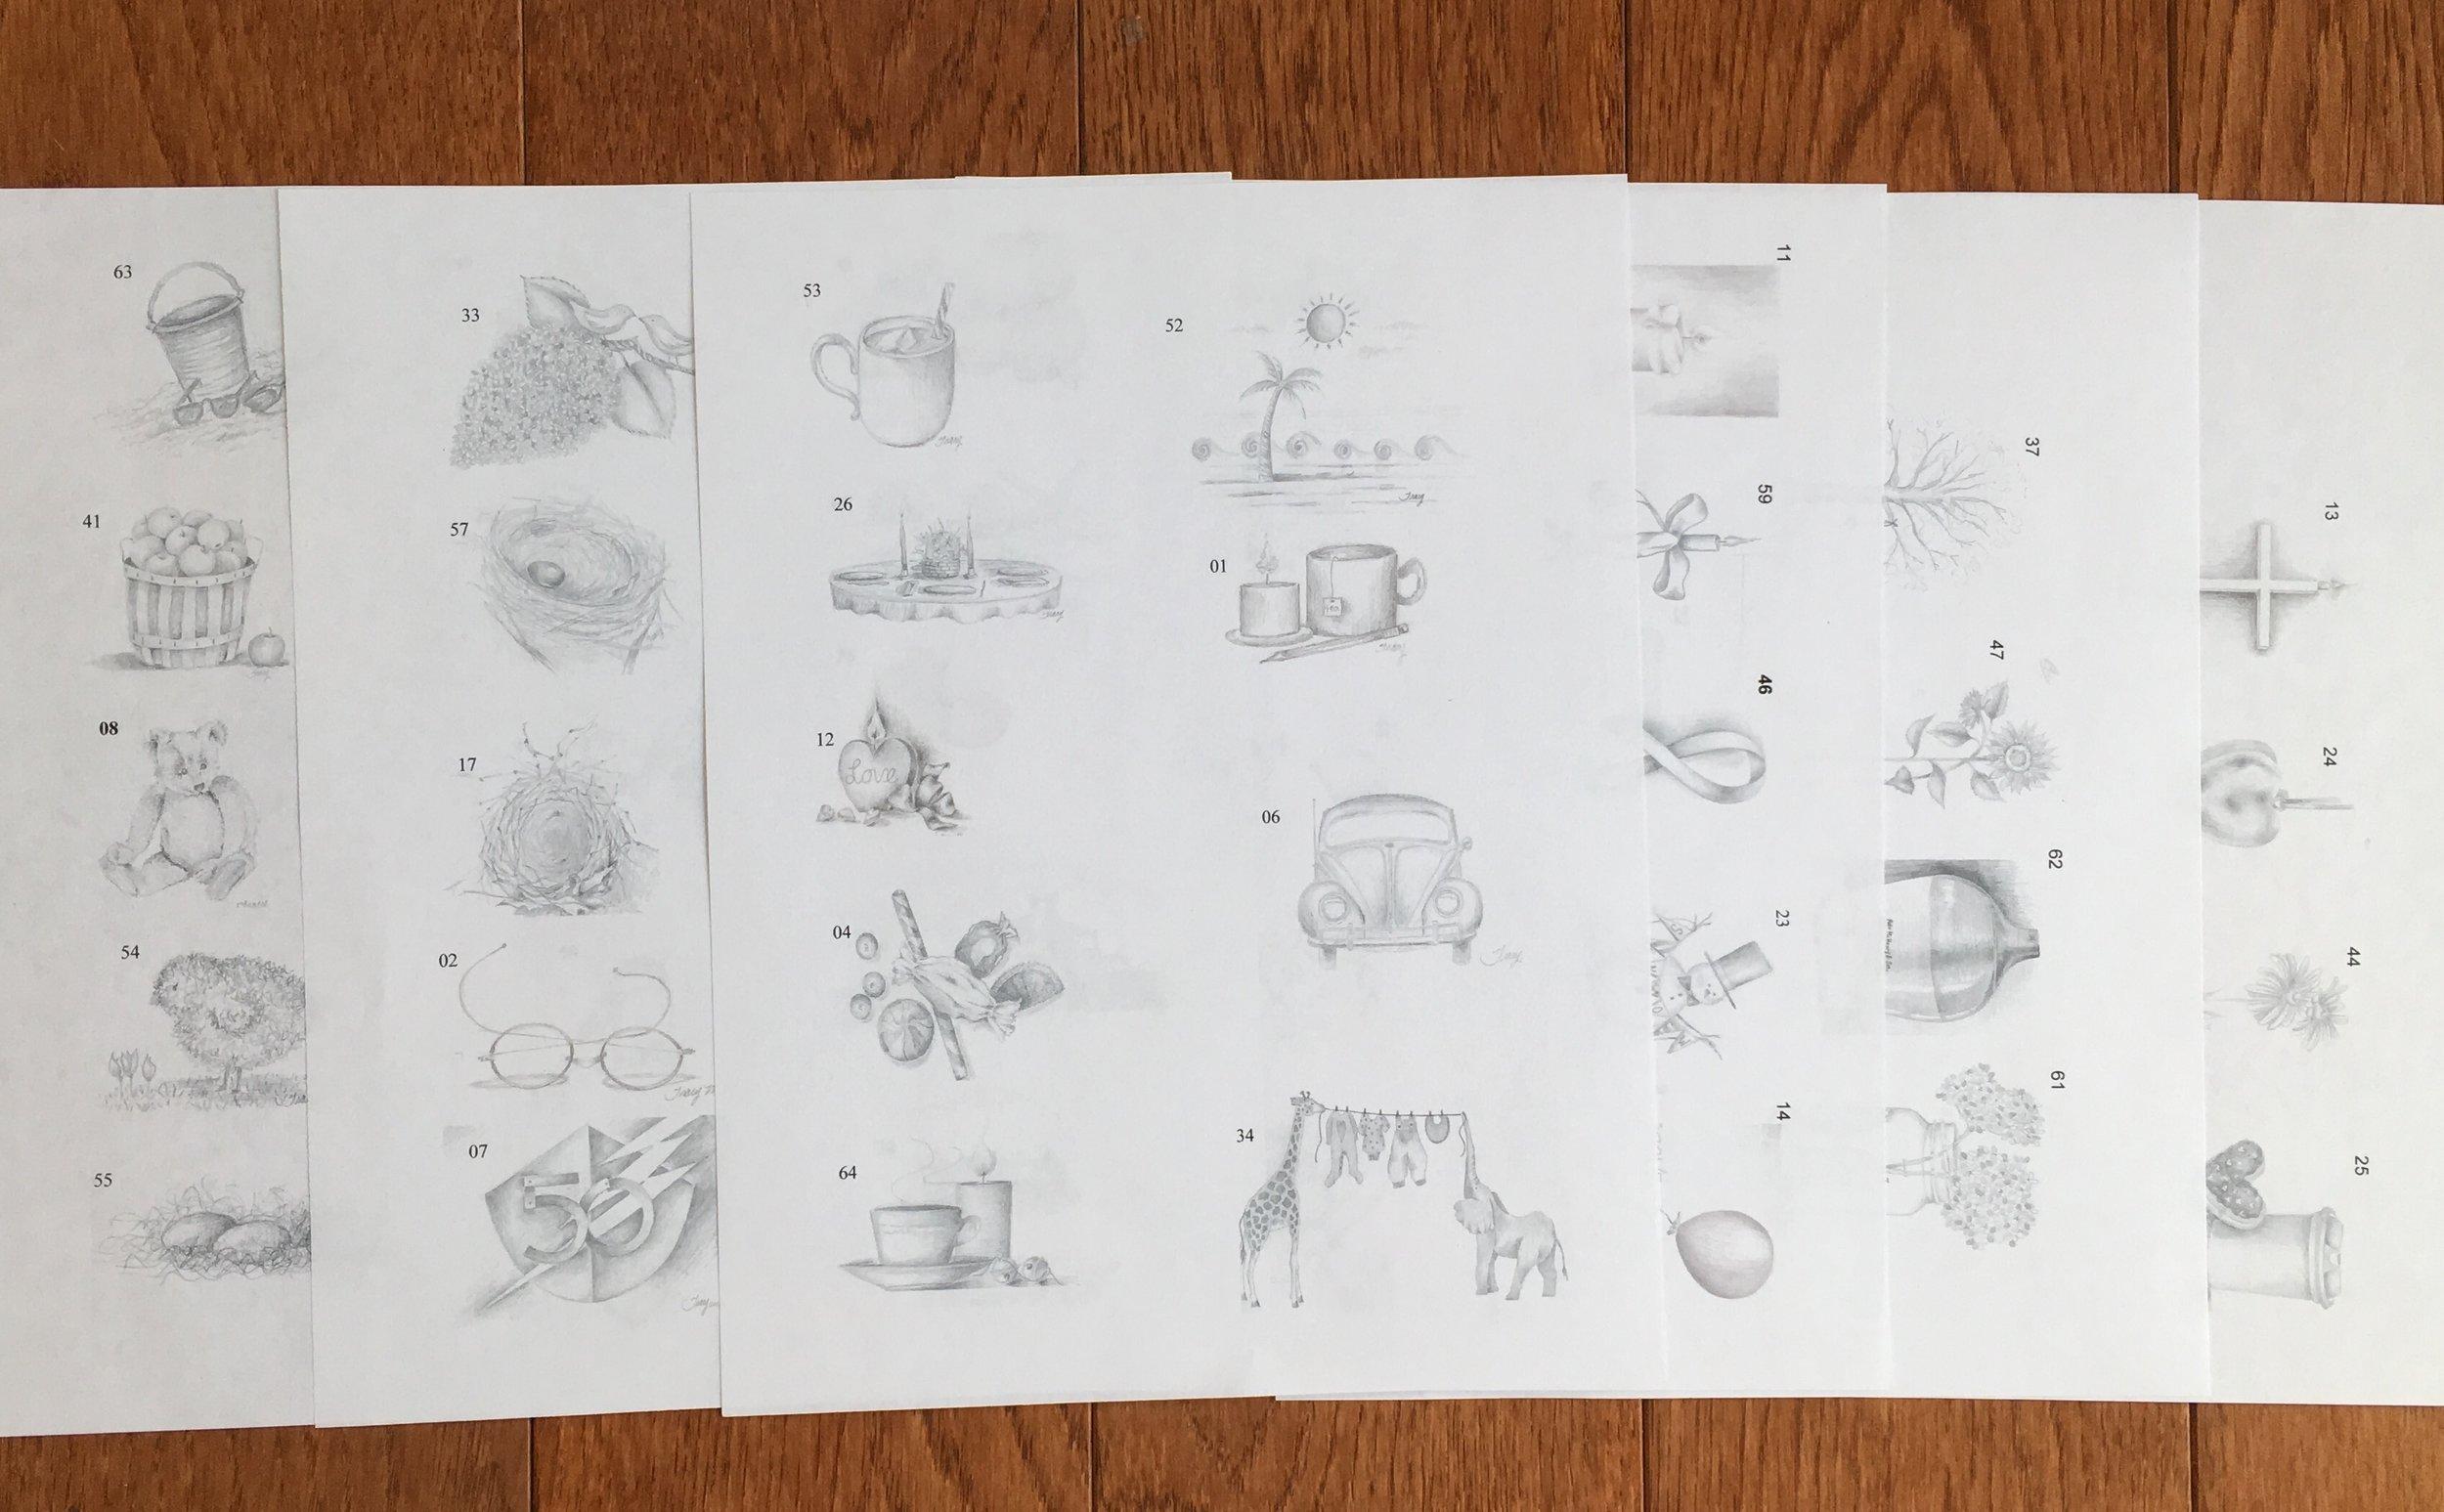 Card Design Catalog